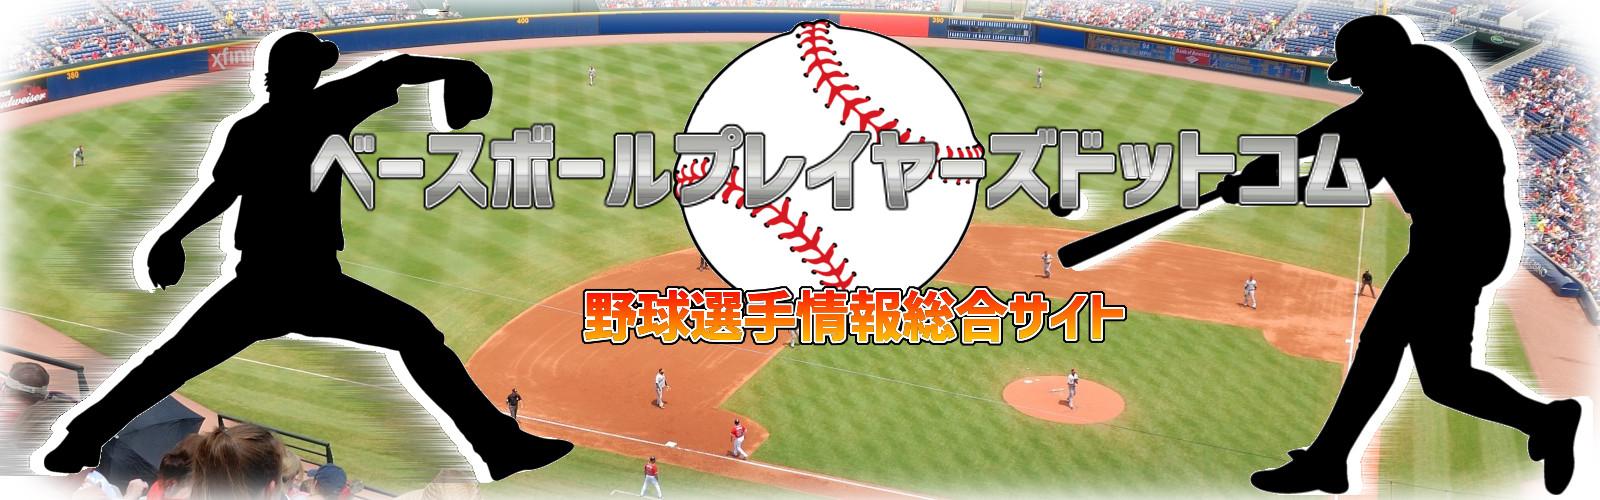 ベースボールプレイヤーズドットコム